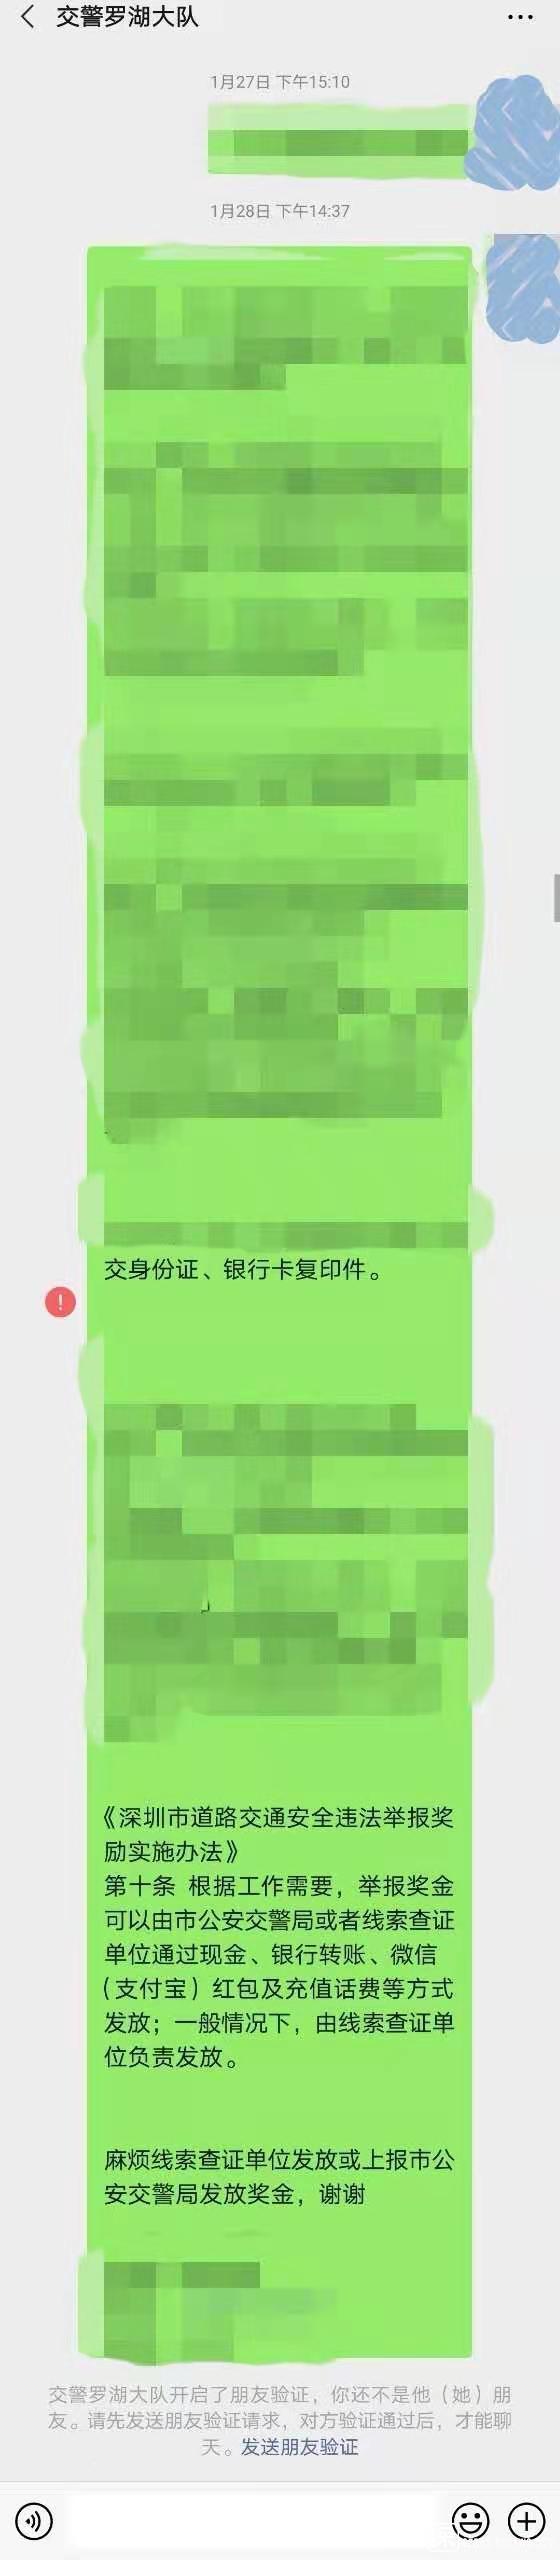 mmexport1614736308642.jpg